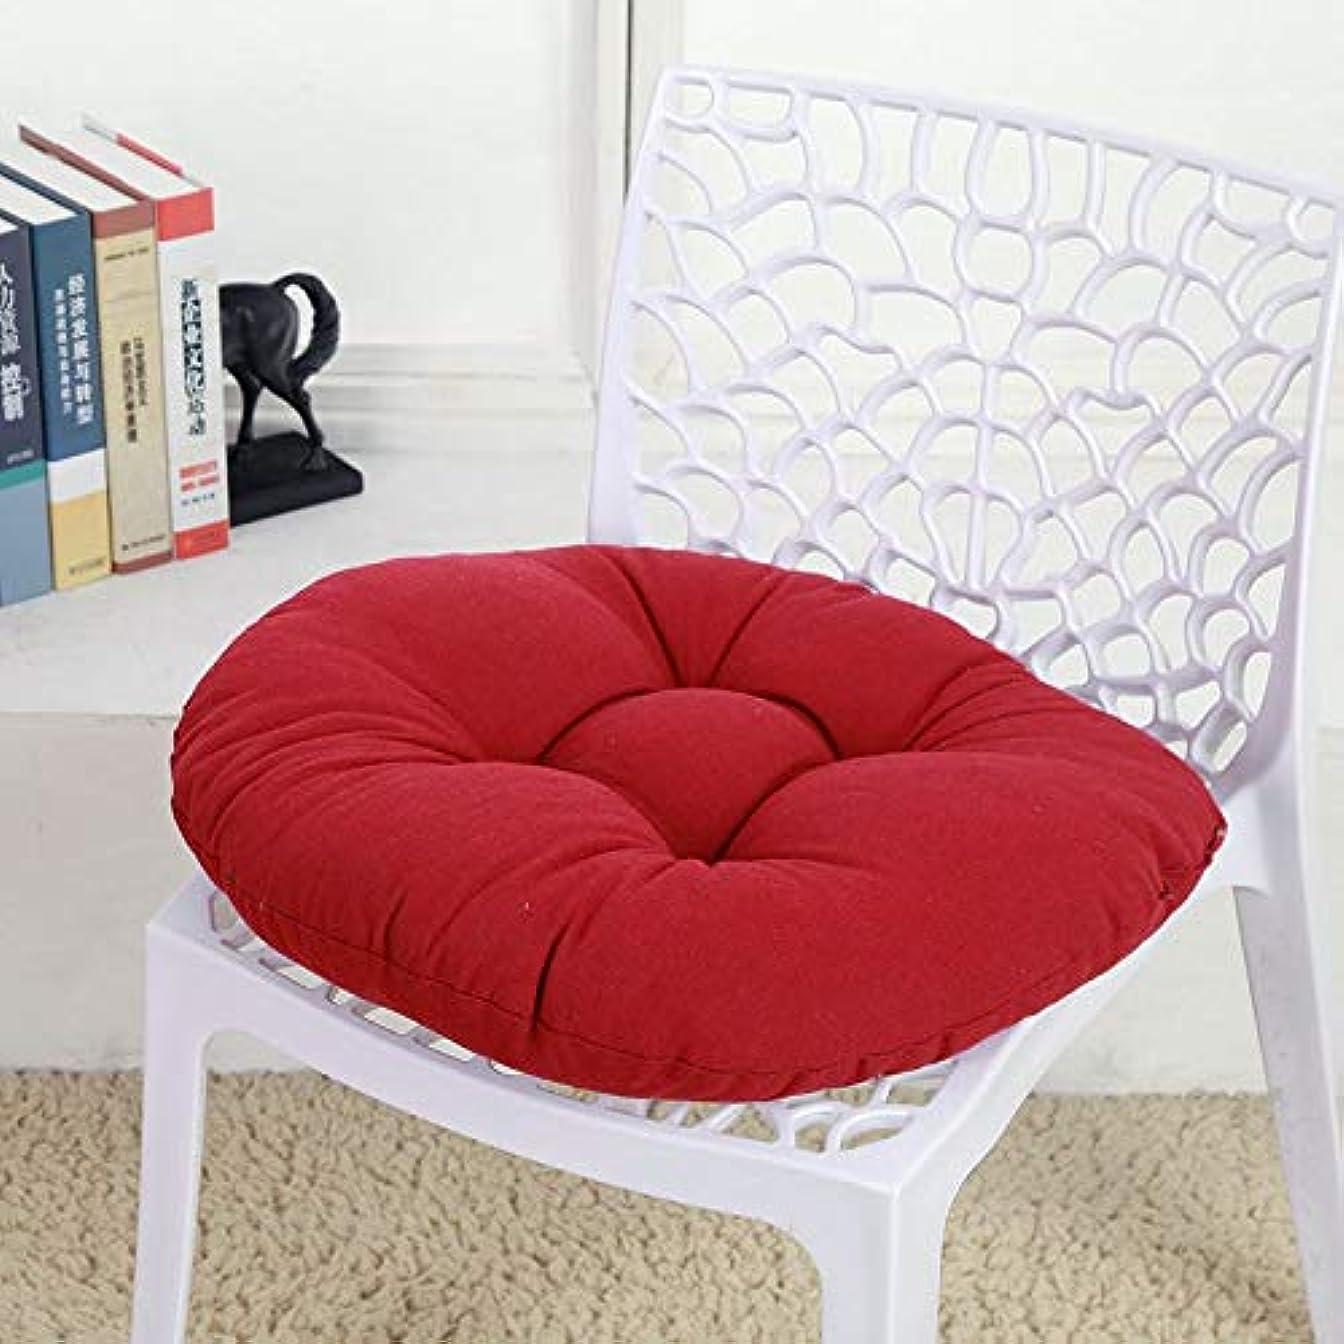 不定玉上昇LIFE キャンディカラーのクッションラウンドシートクッション波ウィンドウシートクッションクッション家の装飾パッドラウンド枕シート枕椅子座る枕 クッション 椅子